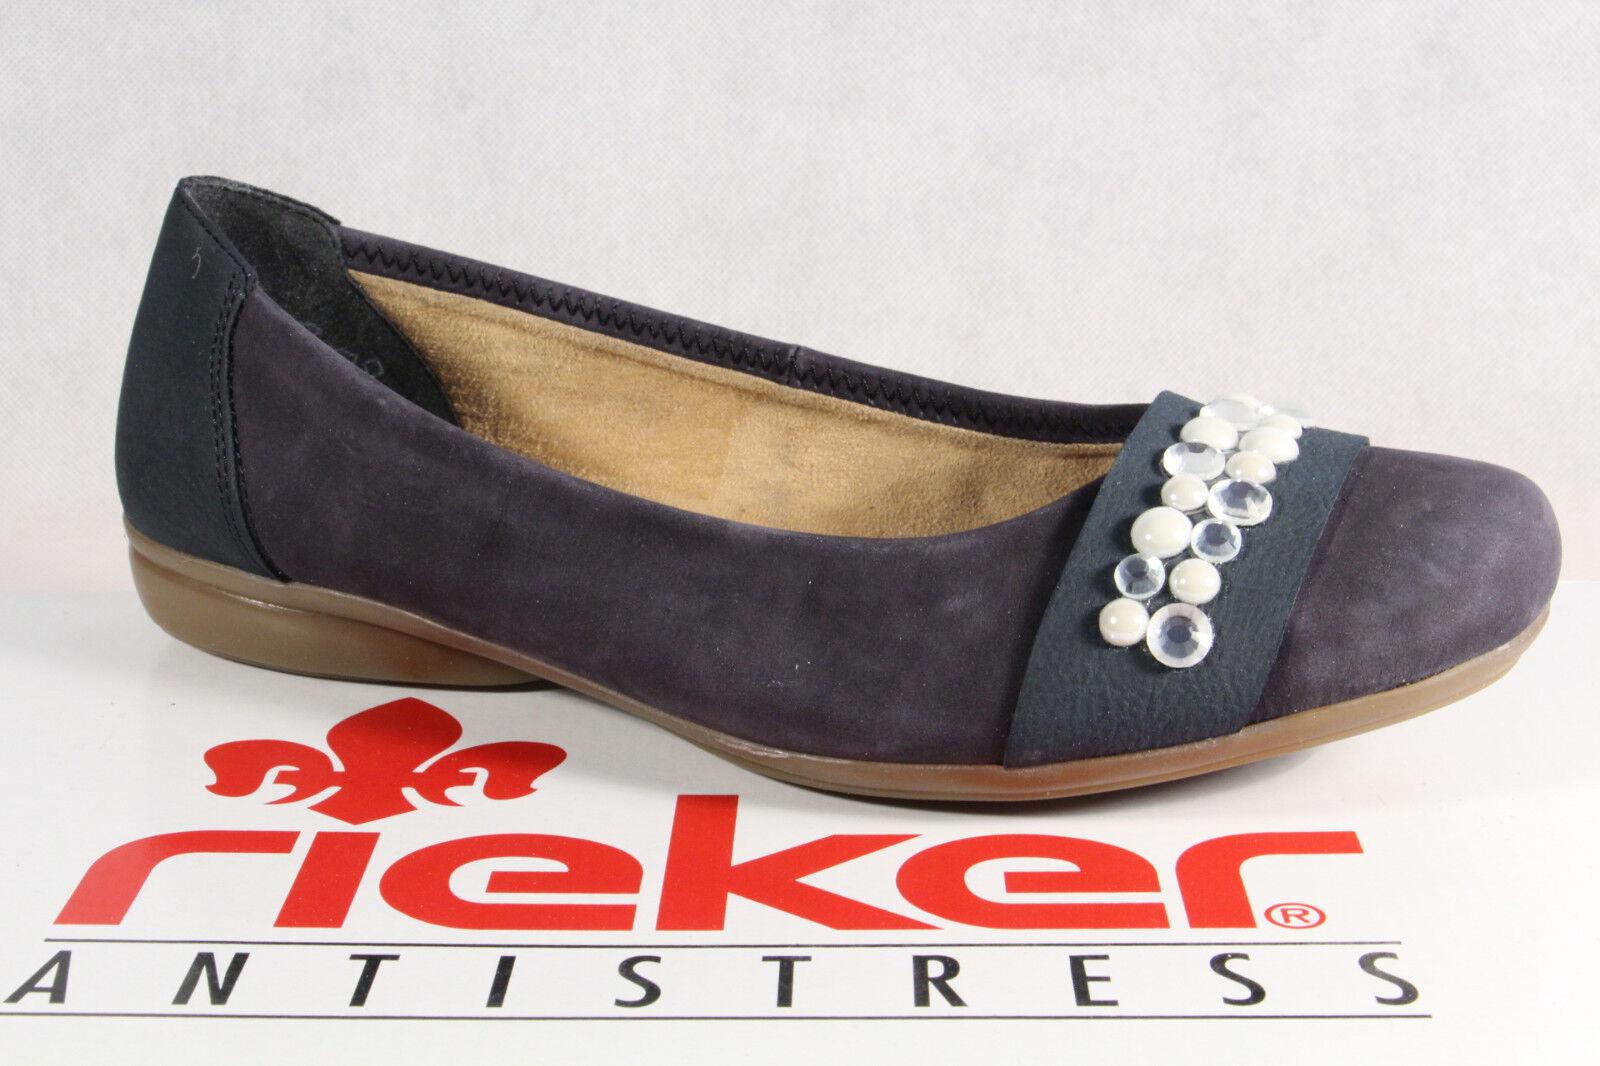 Rieker Ballerina Slipper blu, in pelle in morbida suola interna, suola in pelle gomma l8361 NUOVO 692f8b